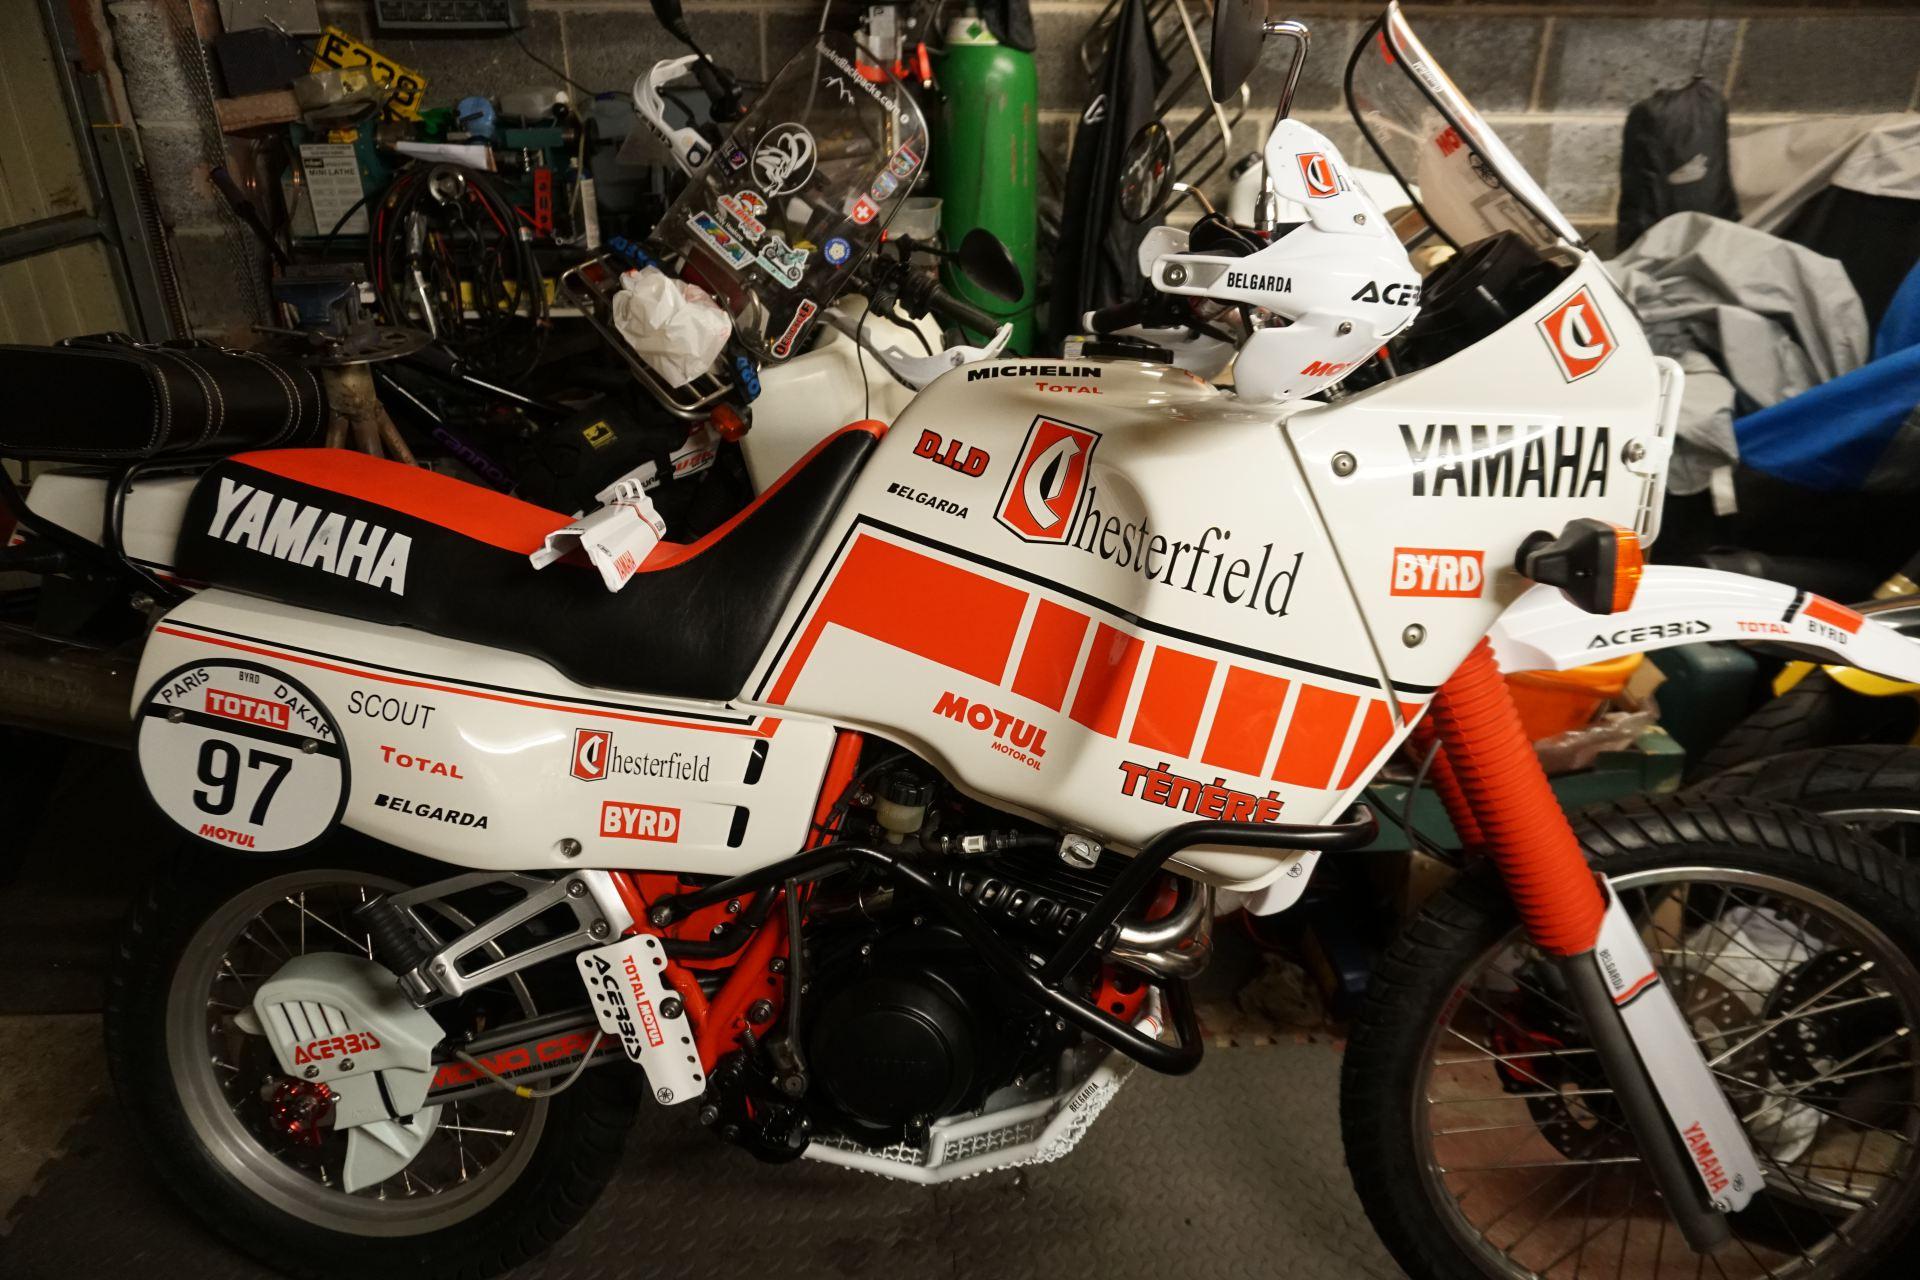 Yamaha XT600Z 3AJ Tenere